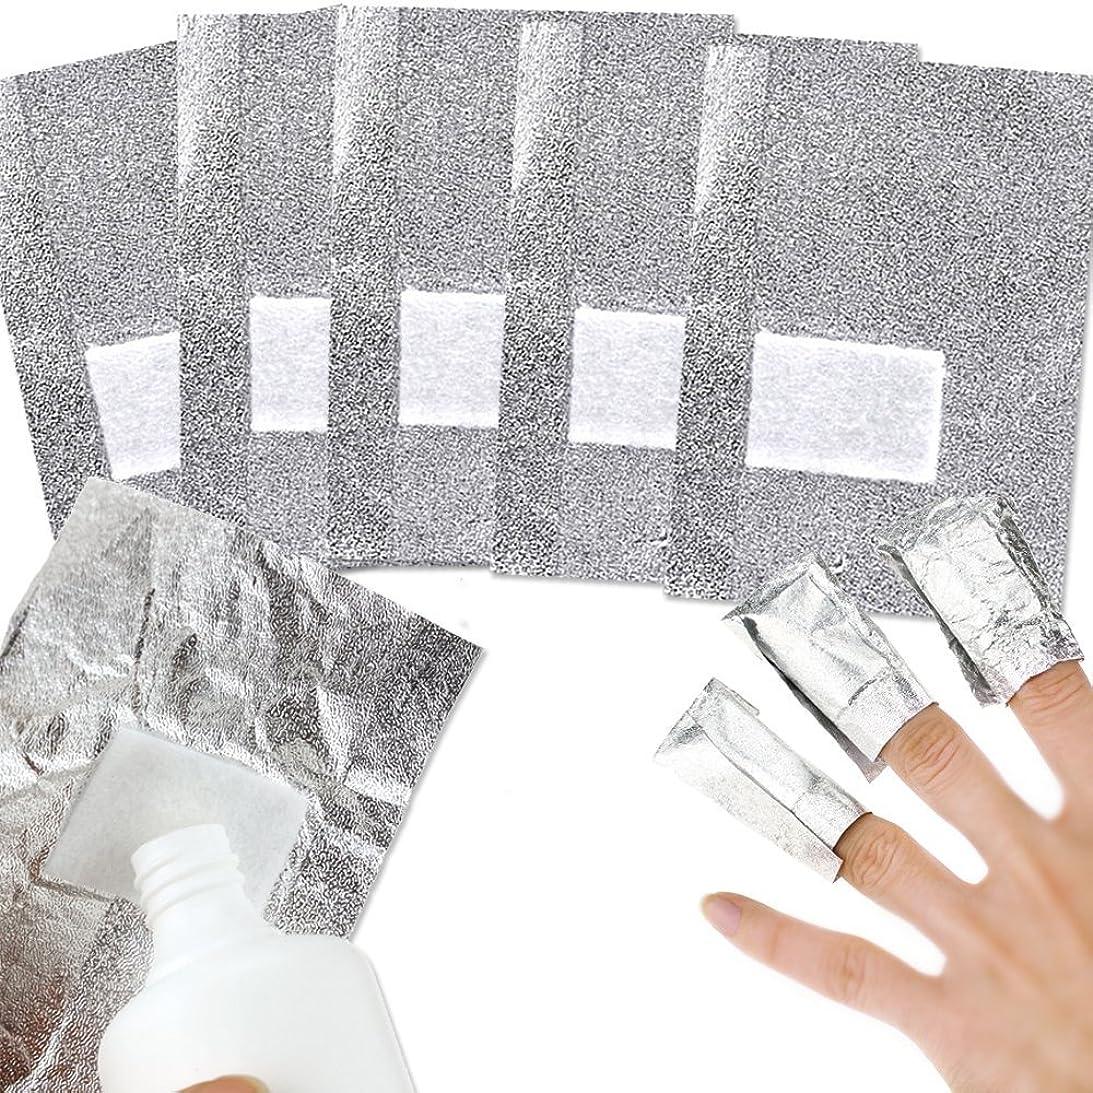 ドリル塊崇拝しますUVジェル リムーバーパッド 100枚入り ネイルポリッシュをきれいにオフする コットン付きアルミホイル ジェル除却 使い捨て 爪マニキュア用品 Pichidr